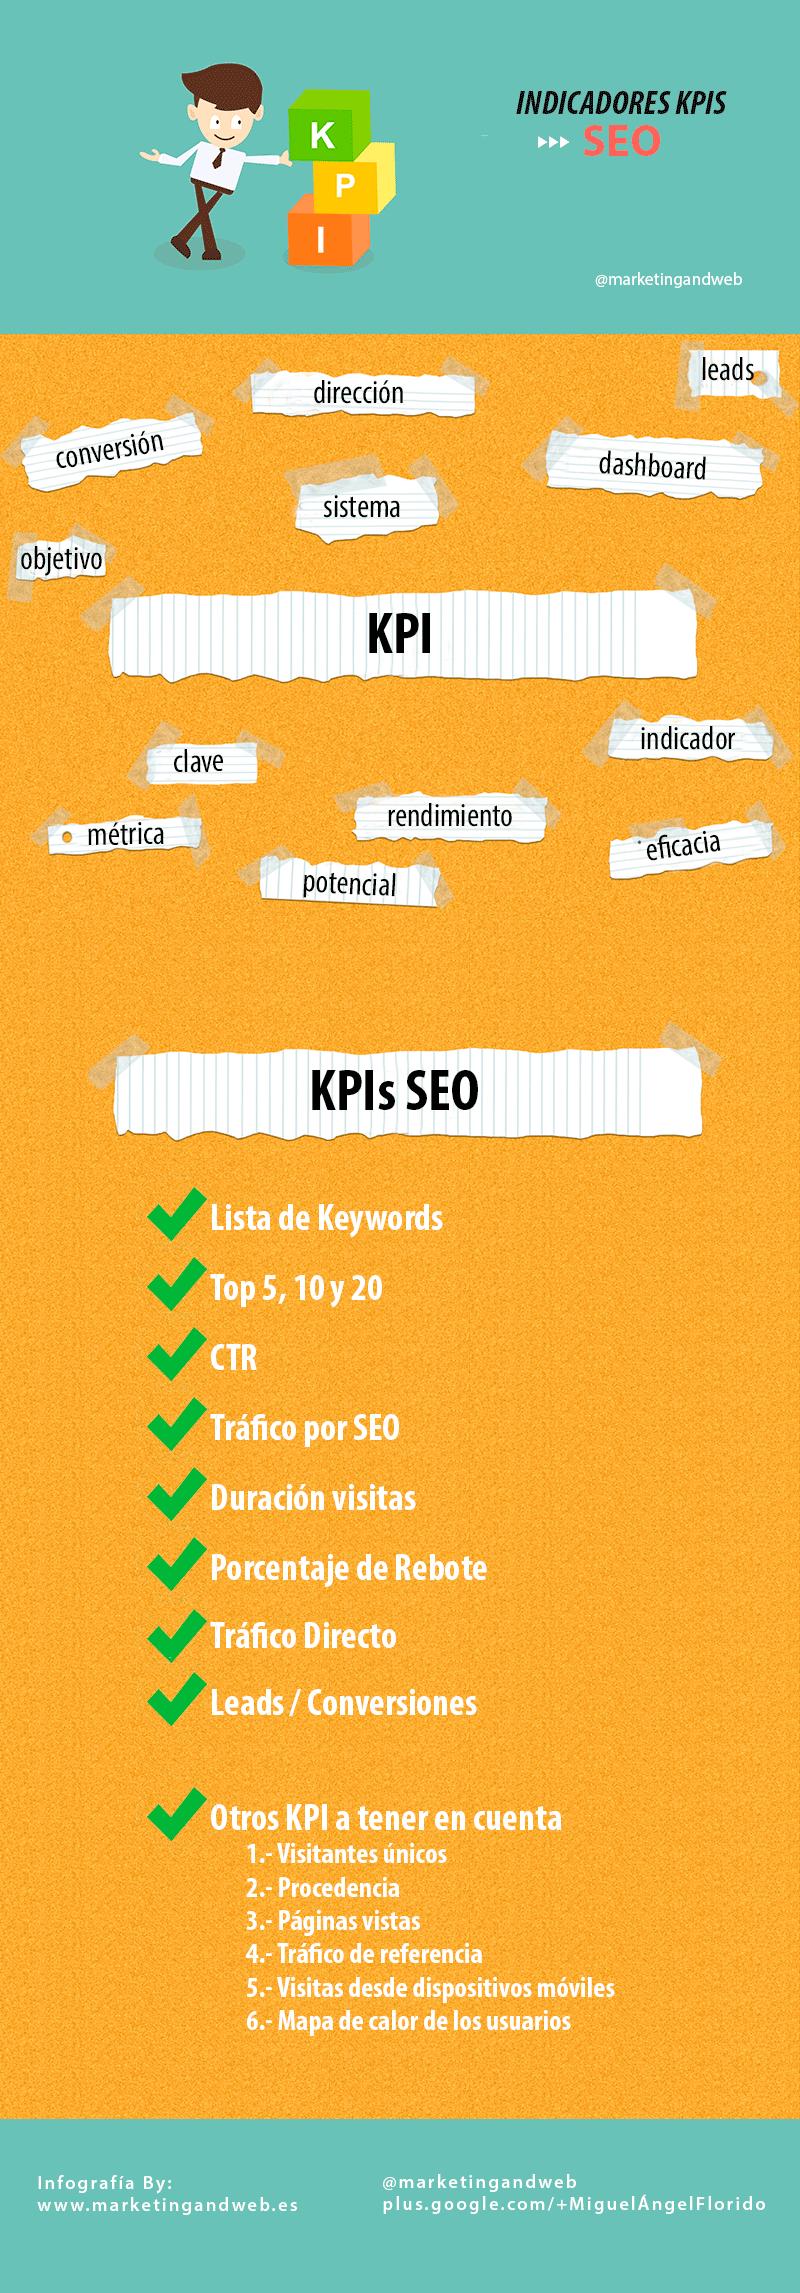 Indicadores KPIs para SEO